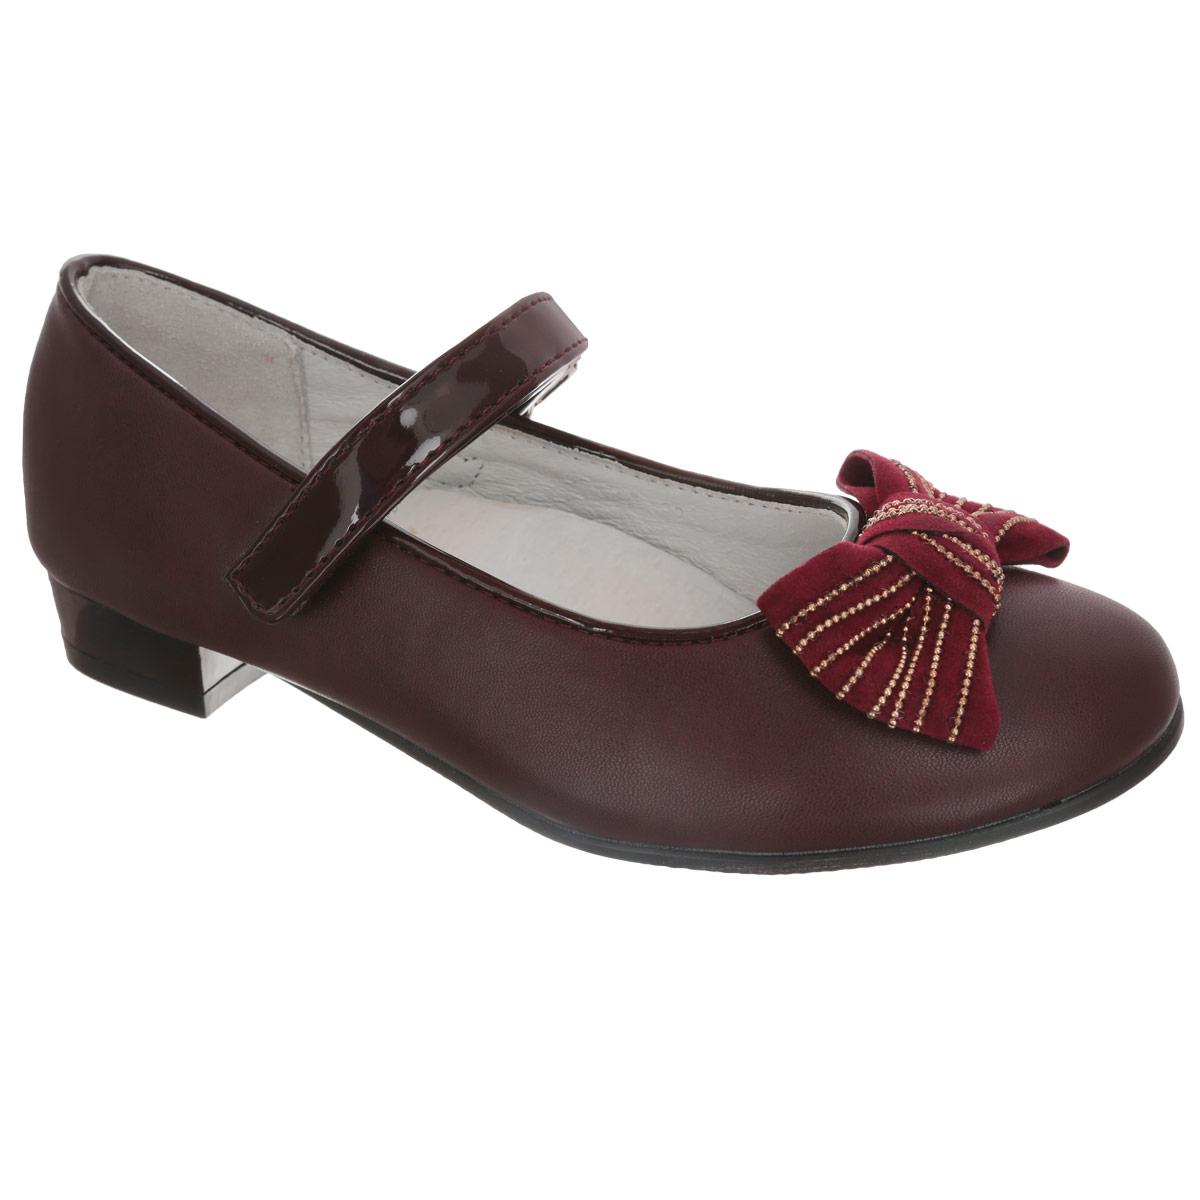 Туфли для девочки. QT3757QT3757Элегантные туфли от торговой марки Flamingo придутся по душе вашей юной моднице! Модель на невысоком широком каблучке изготовлена из искусственной кожи. Мыс туфель оформлен очаровательным бантиком с бархатистой поверхностью. Лакированный ремешок на застежке-липучке отвечает за надежную фиксацию модели на ноге. Стелька из натуральной кожи дополнена супинатором, который обеспечивает правильное положение ноги ребенка при ходьбе, предотвращает плоскостопие. Рифленая поверхность каблука и подошвы защищает изделие от скольжения. Удобные туфли - незаменимая вещь в гардеробе каждой девочки.